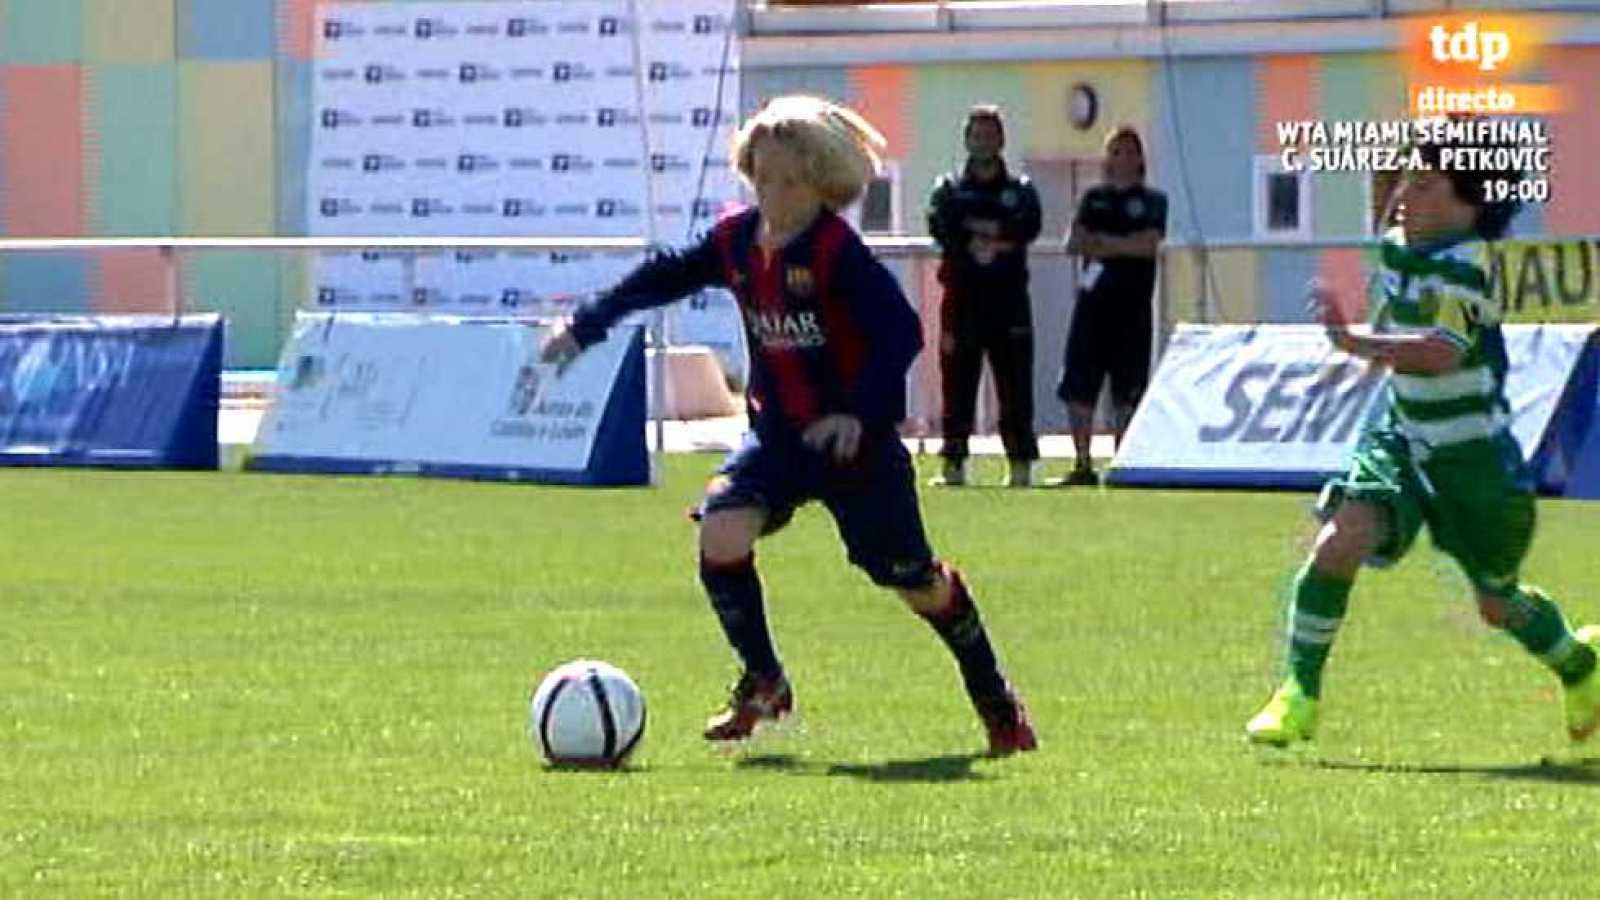 Para todos los públicos Fútbol - Iscar Cup  FC Barcelona-Sporting de Lisboa  - ver ahora reproducir video 4b0e2fac541f8